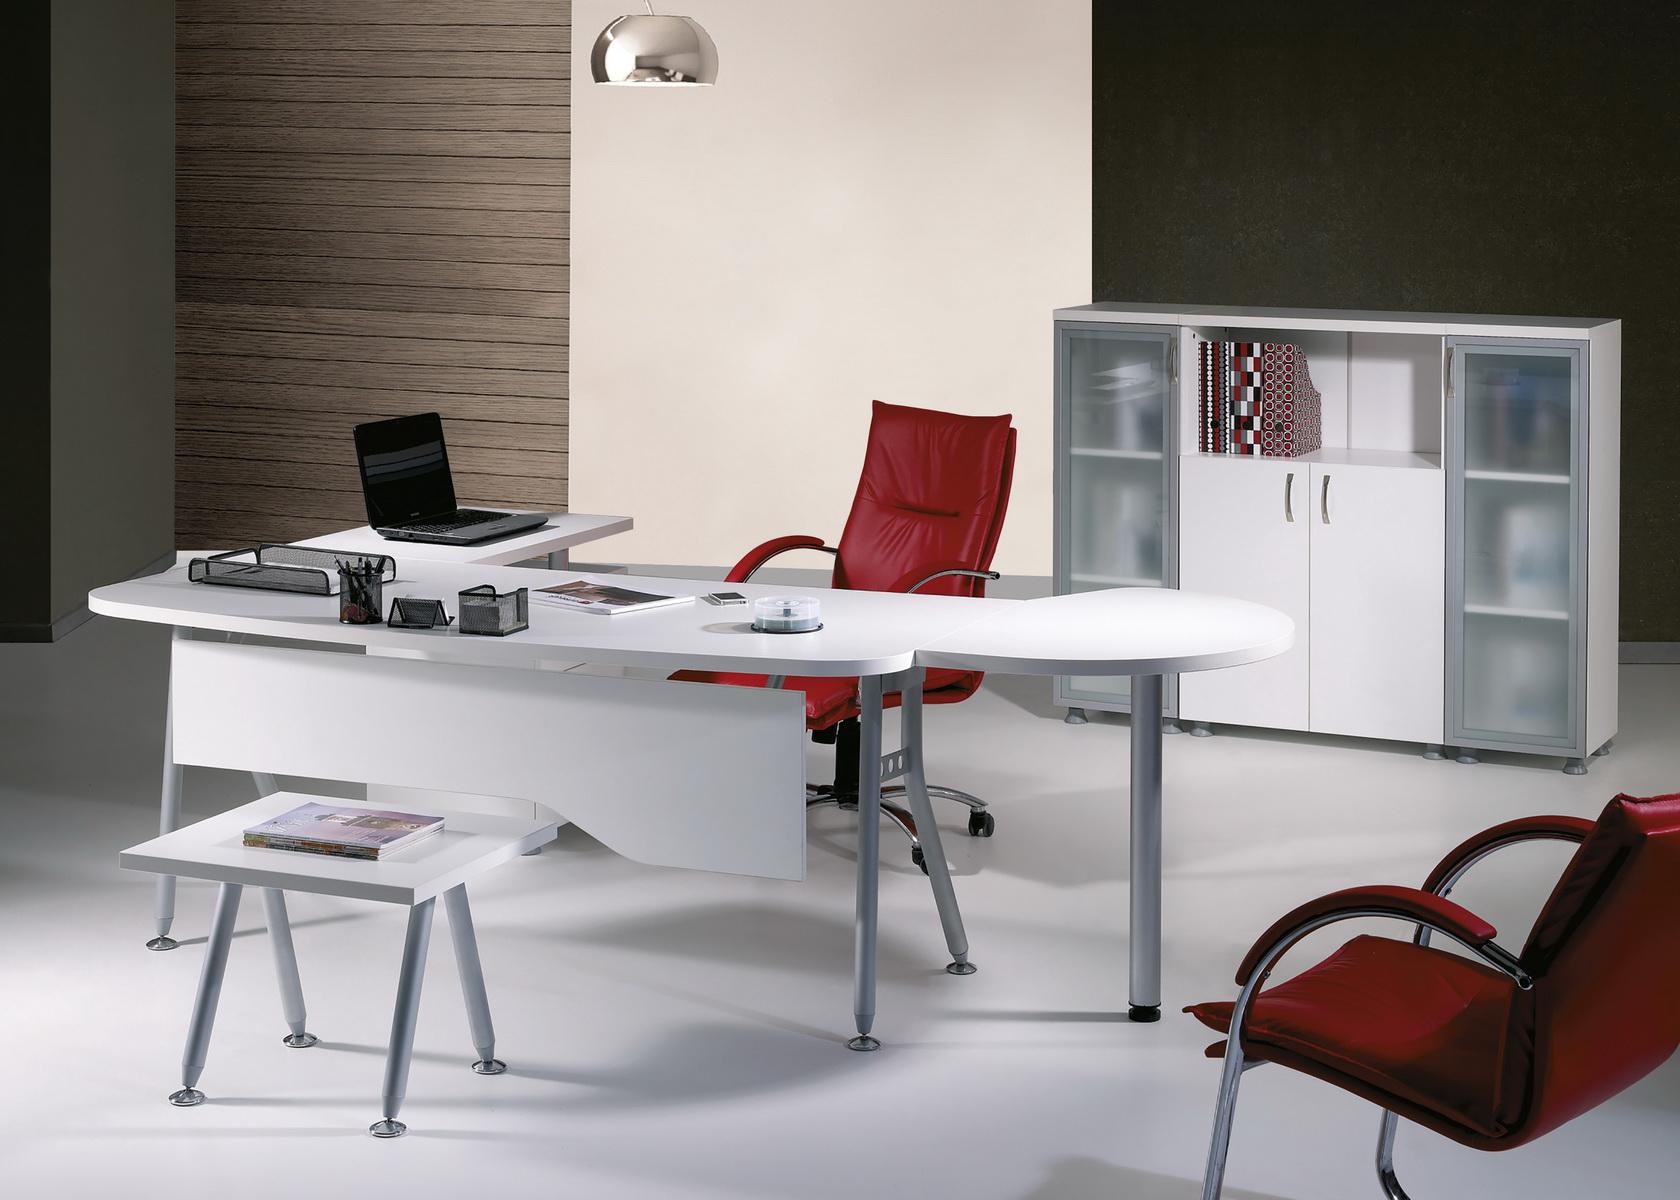 Trefoil-Set- L Shaped Desk Office Furniture